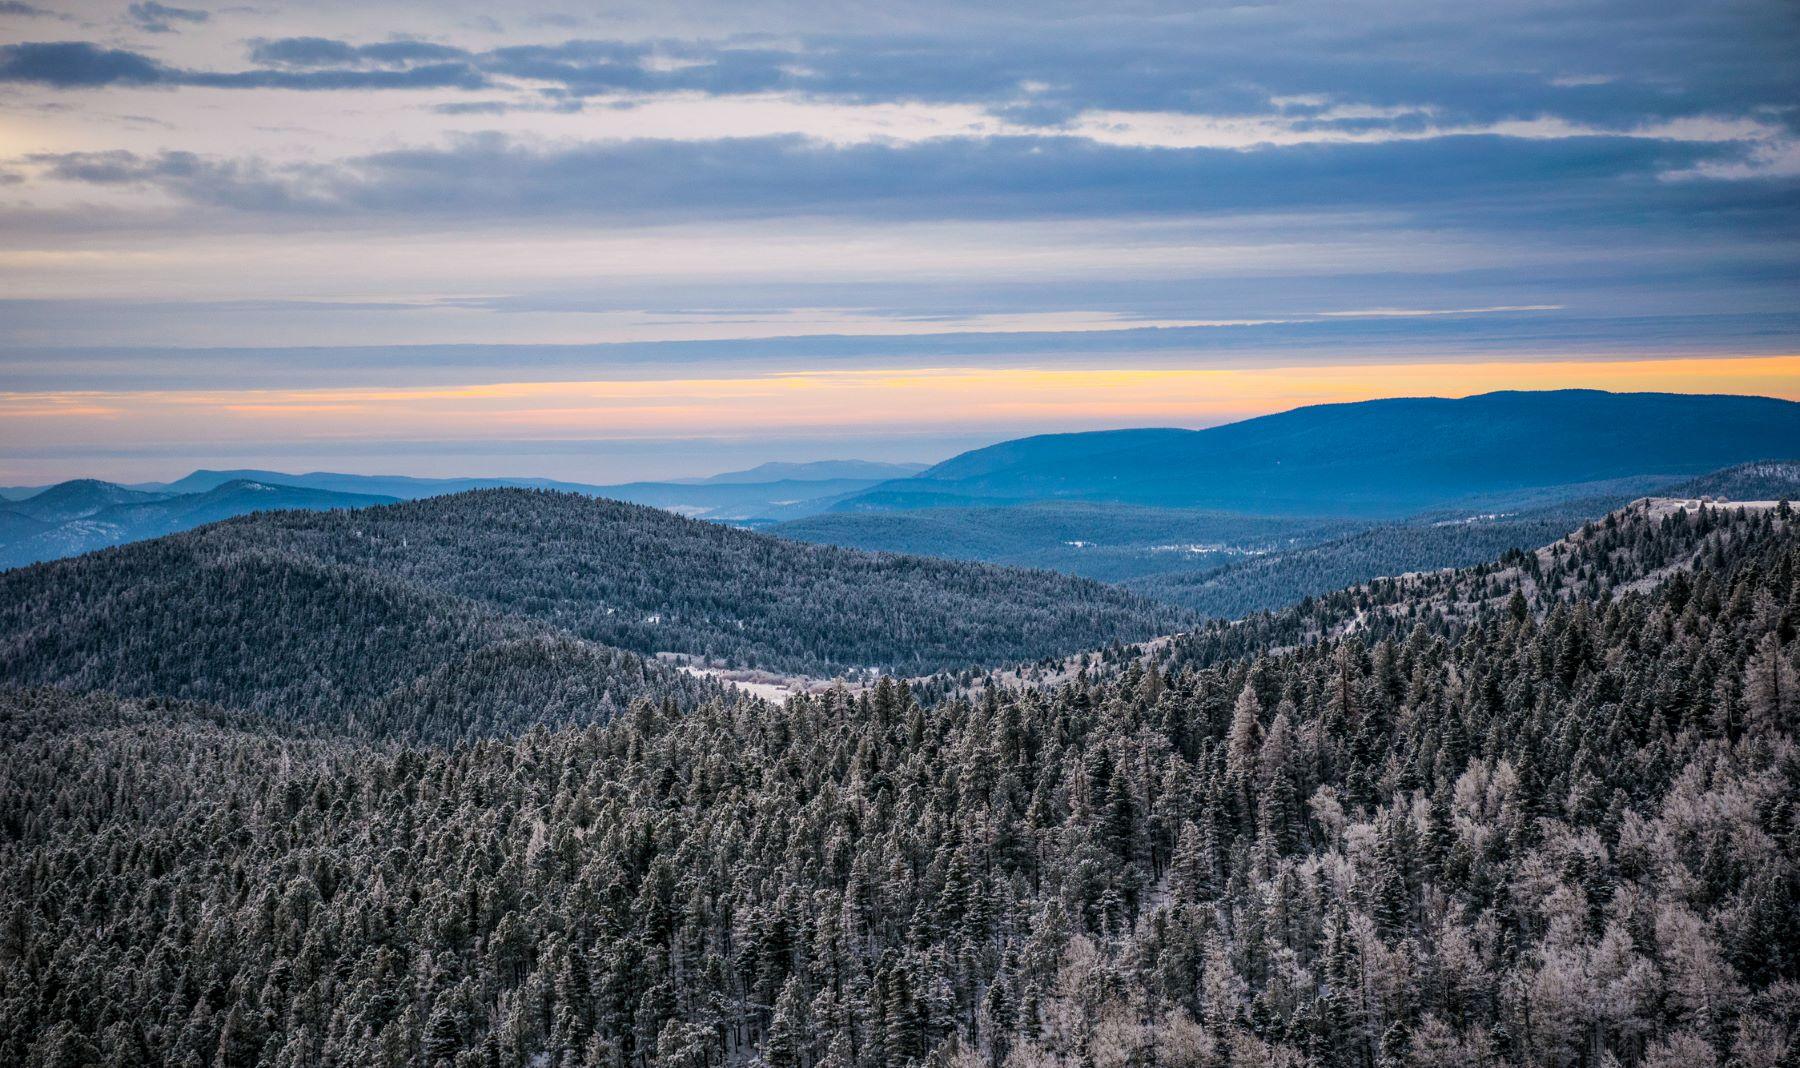 Winter in Santa Fe